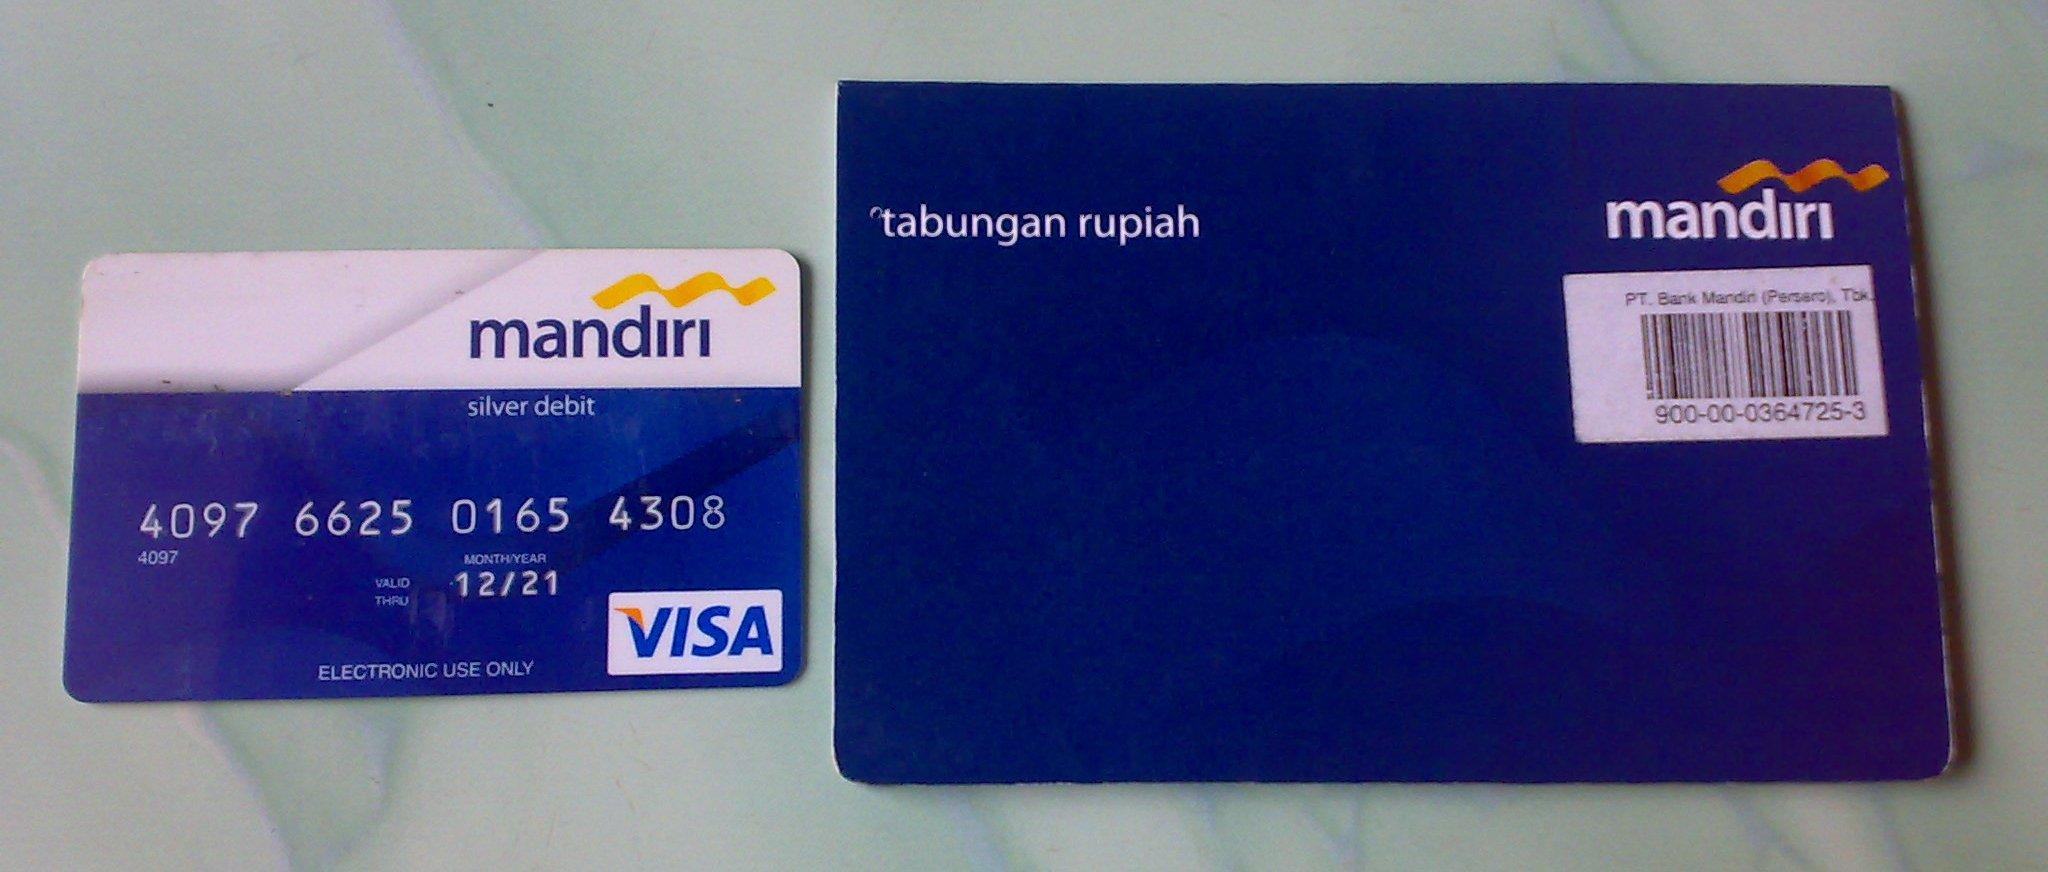 Image Result For Bank Bca Atau Mandiri